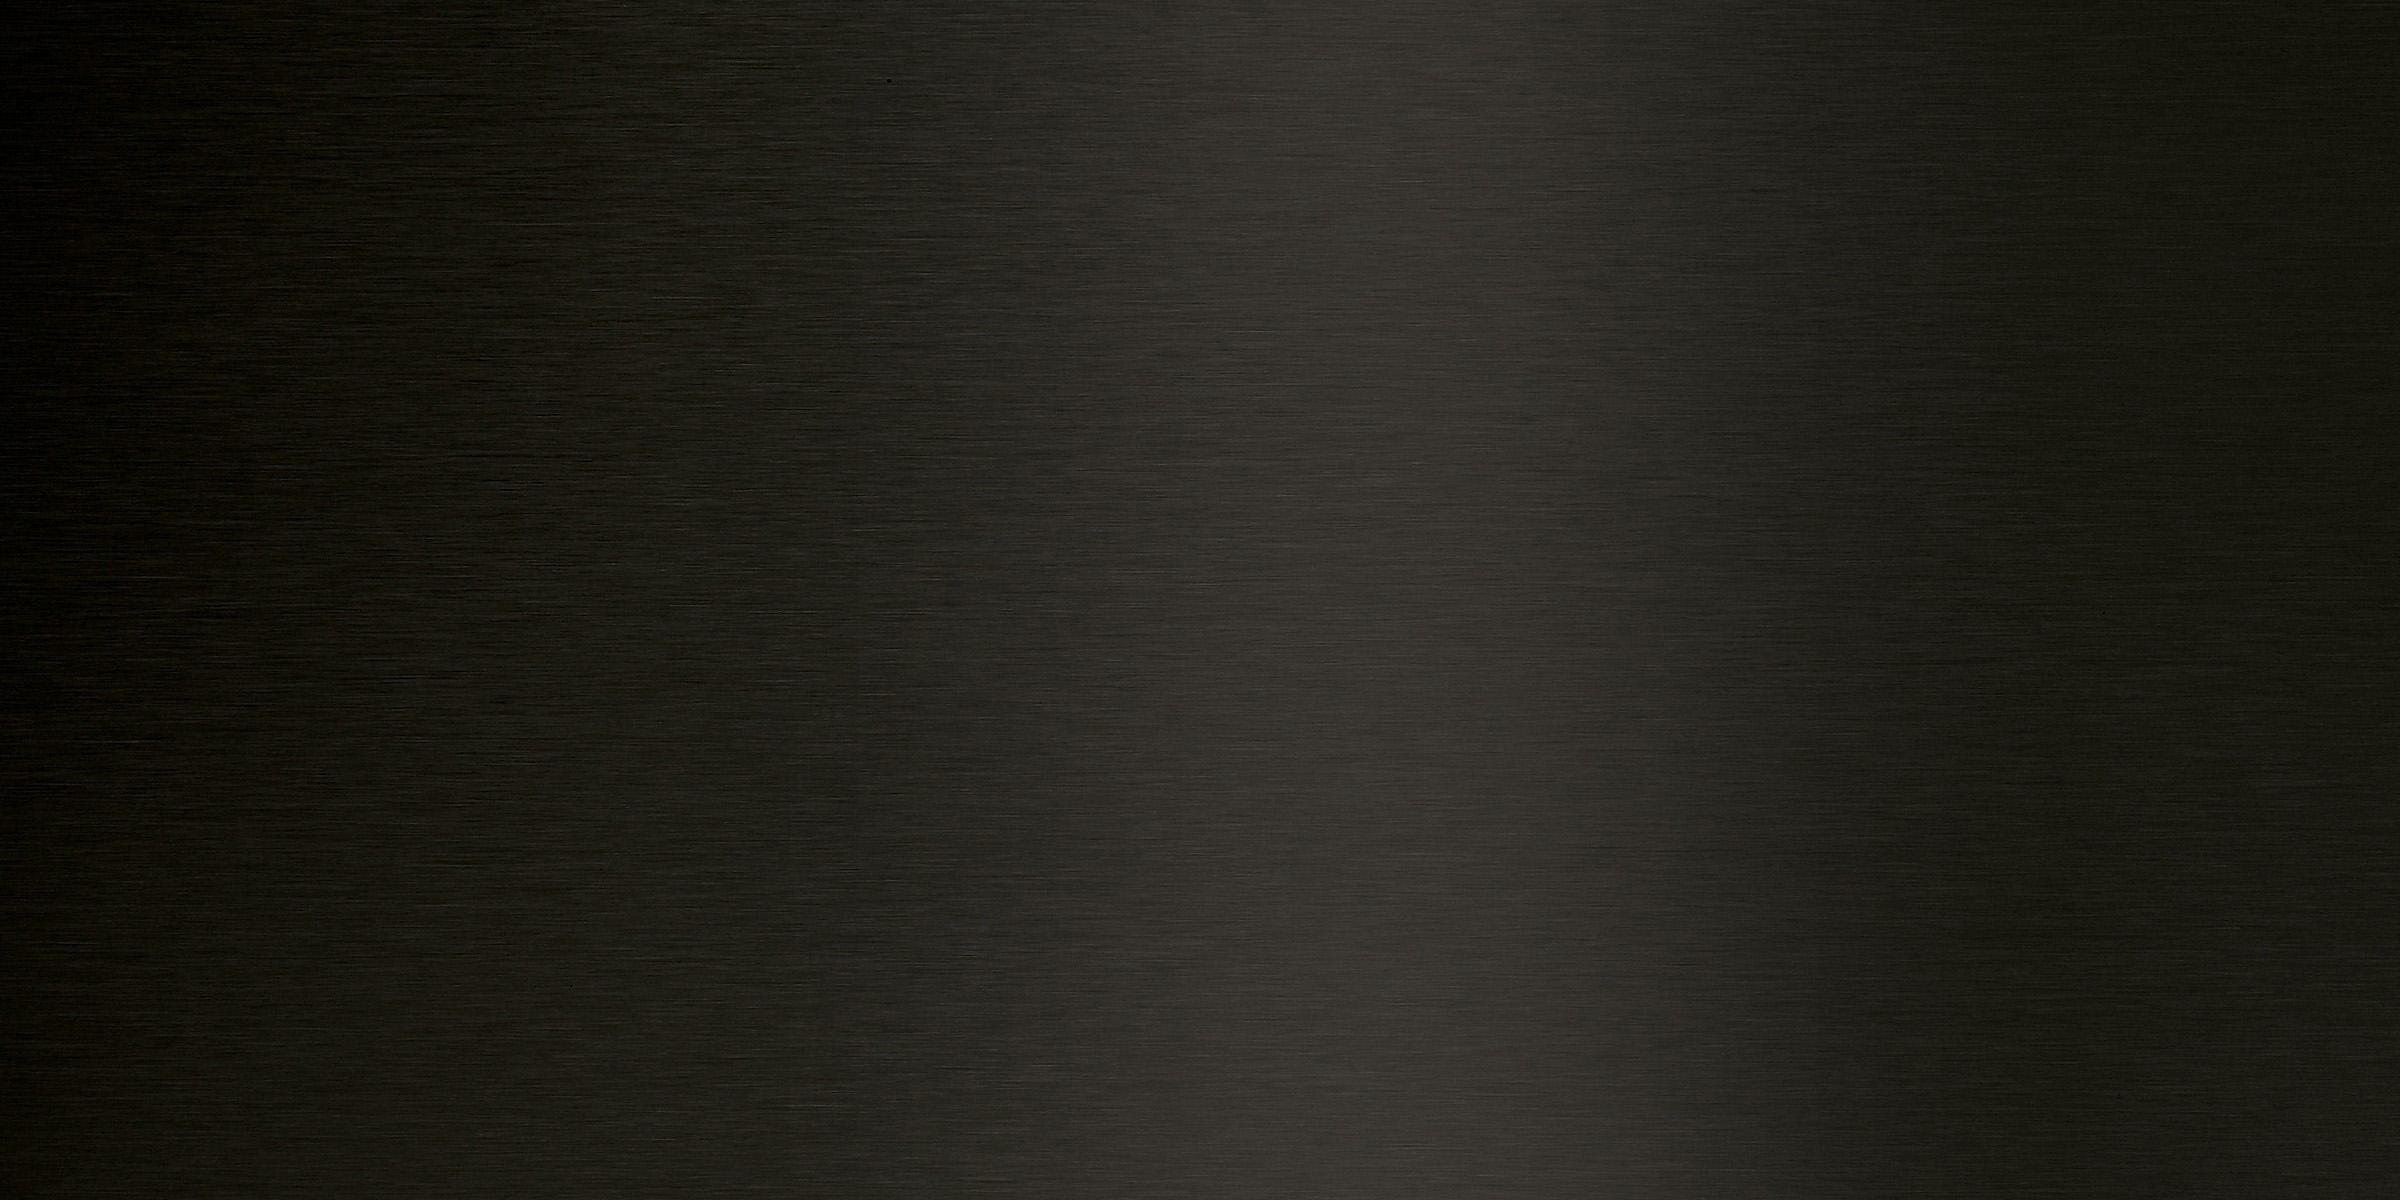 Satin Brushed Black Aluminum 6296 Decorative Metal Countertops